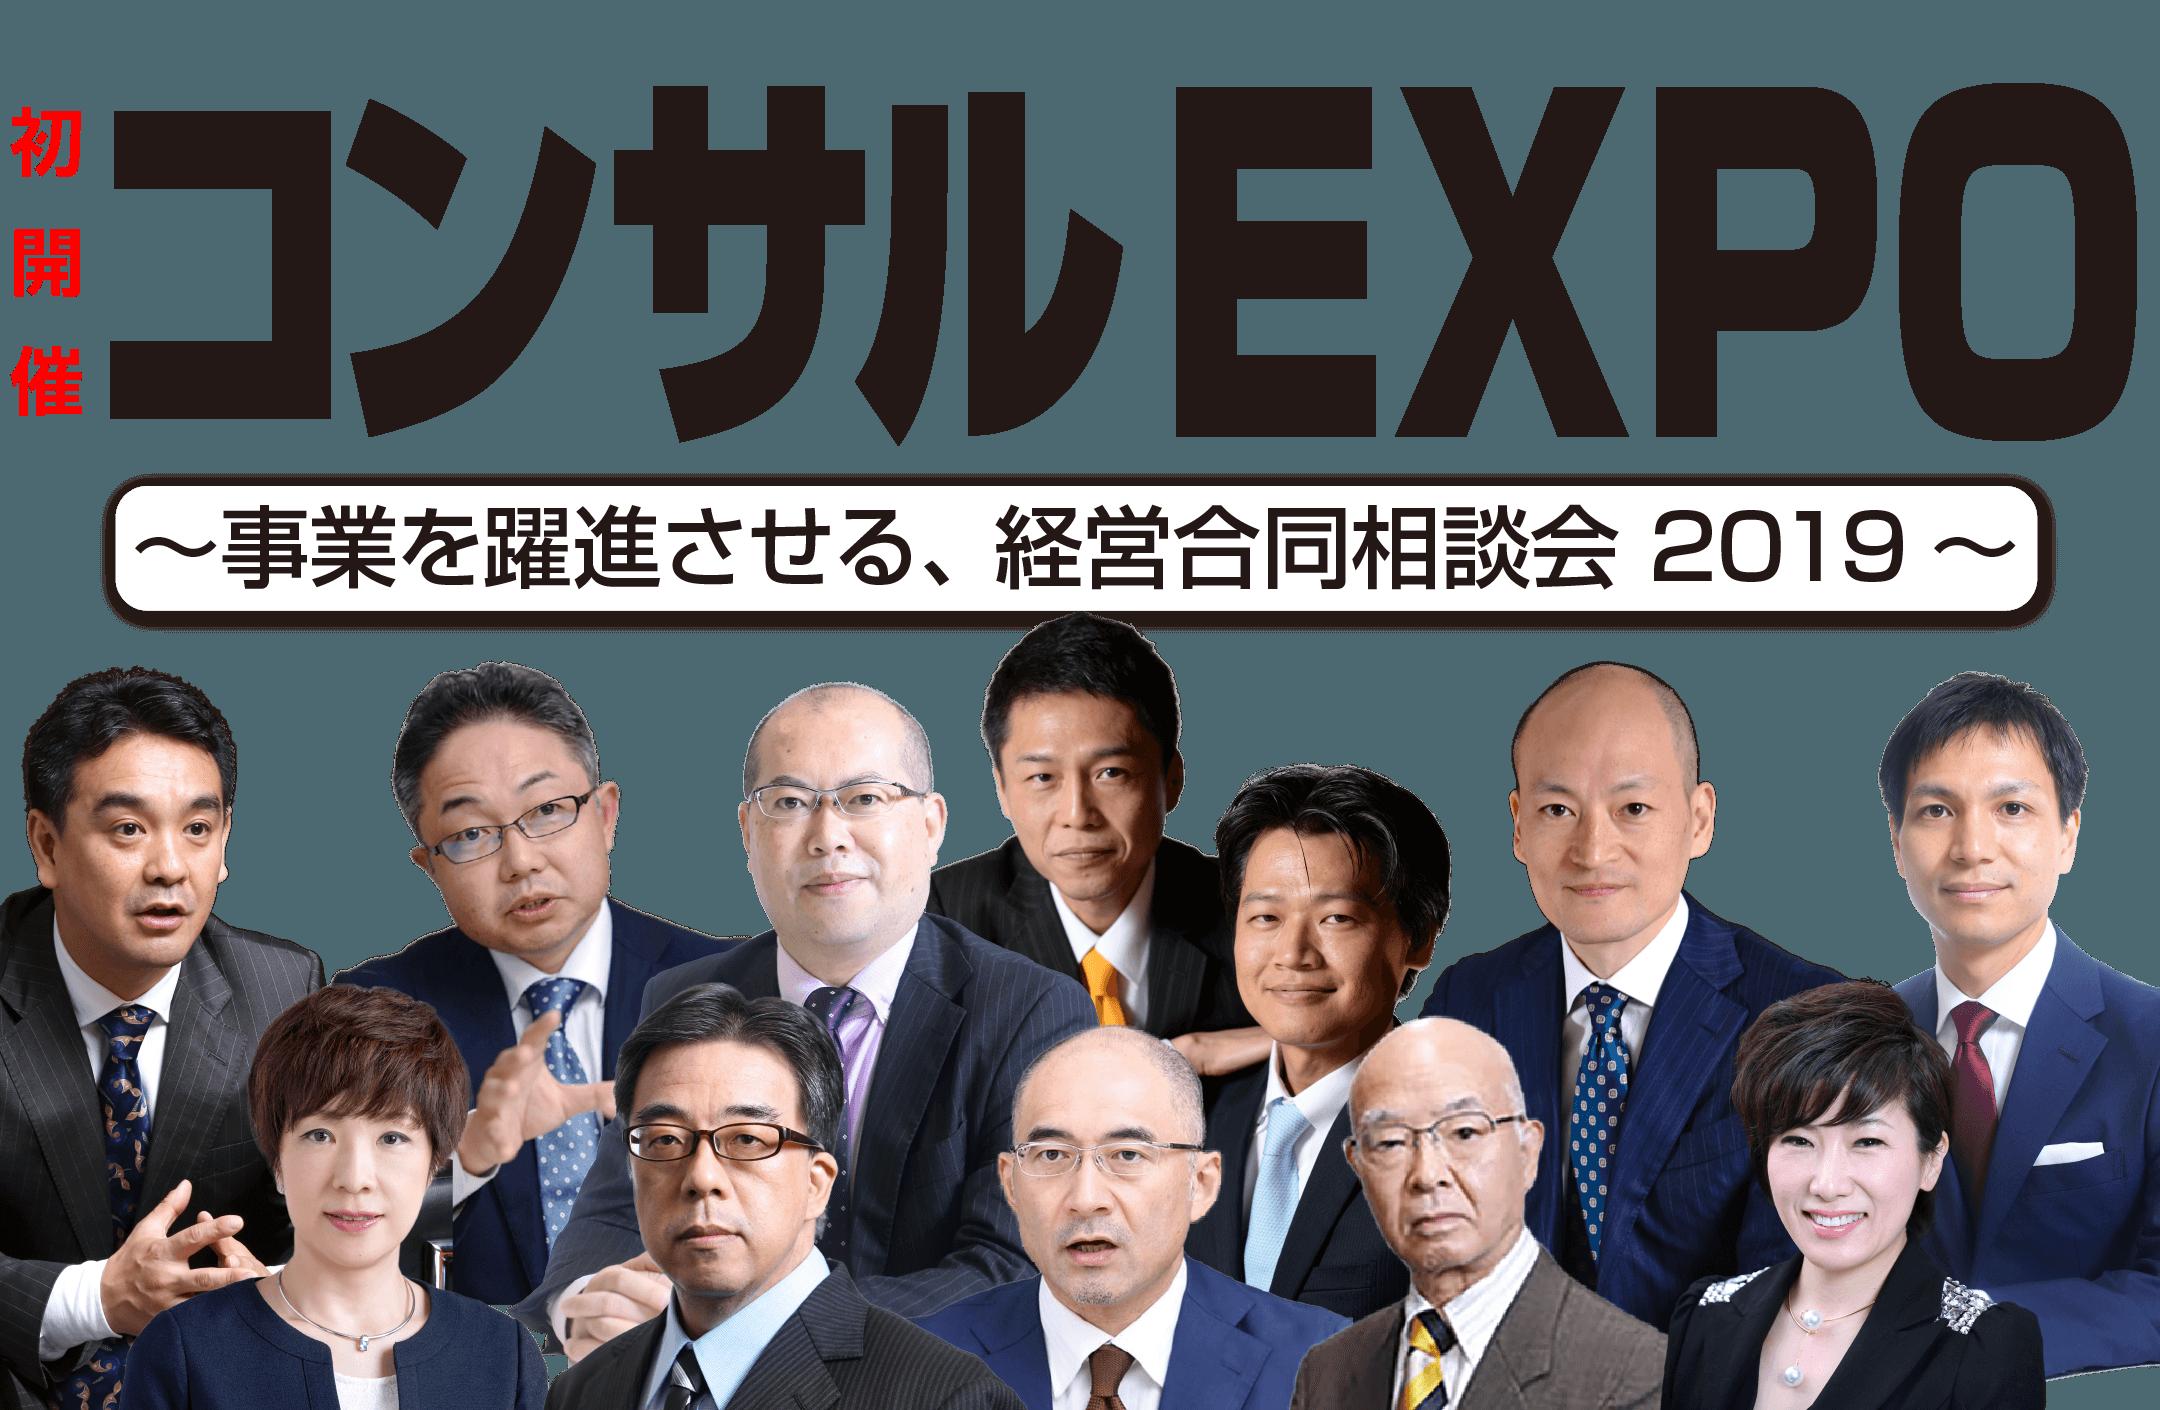 初開催 コンサルEXPO 〜事業を躍進させる、経営合同相談会2019〜